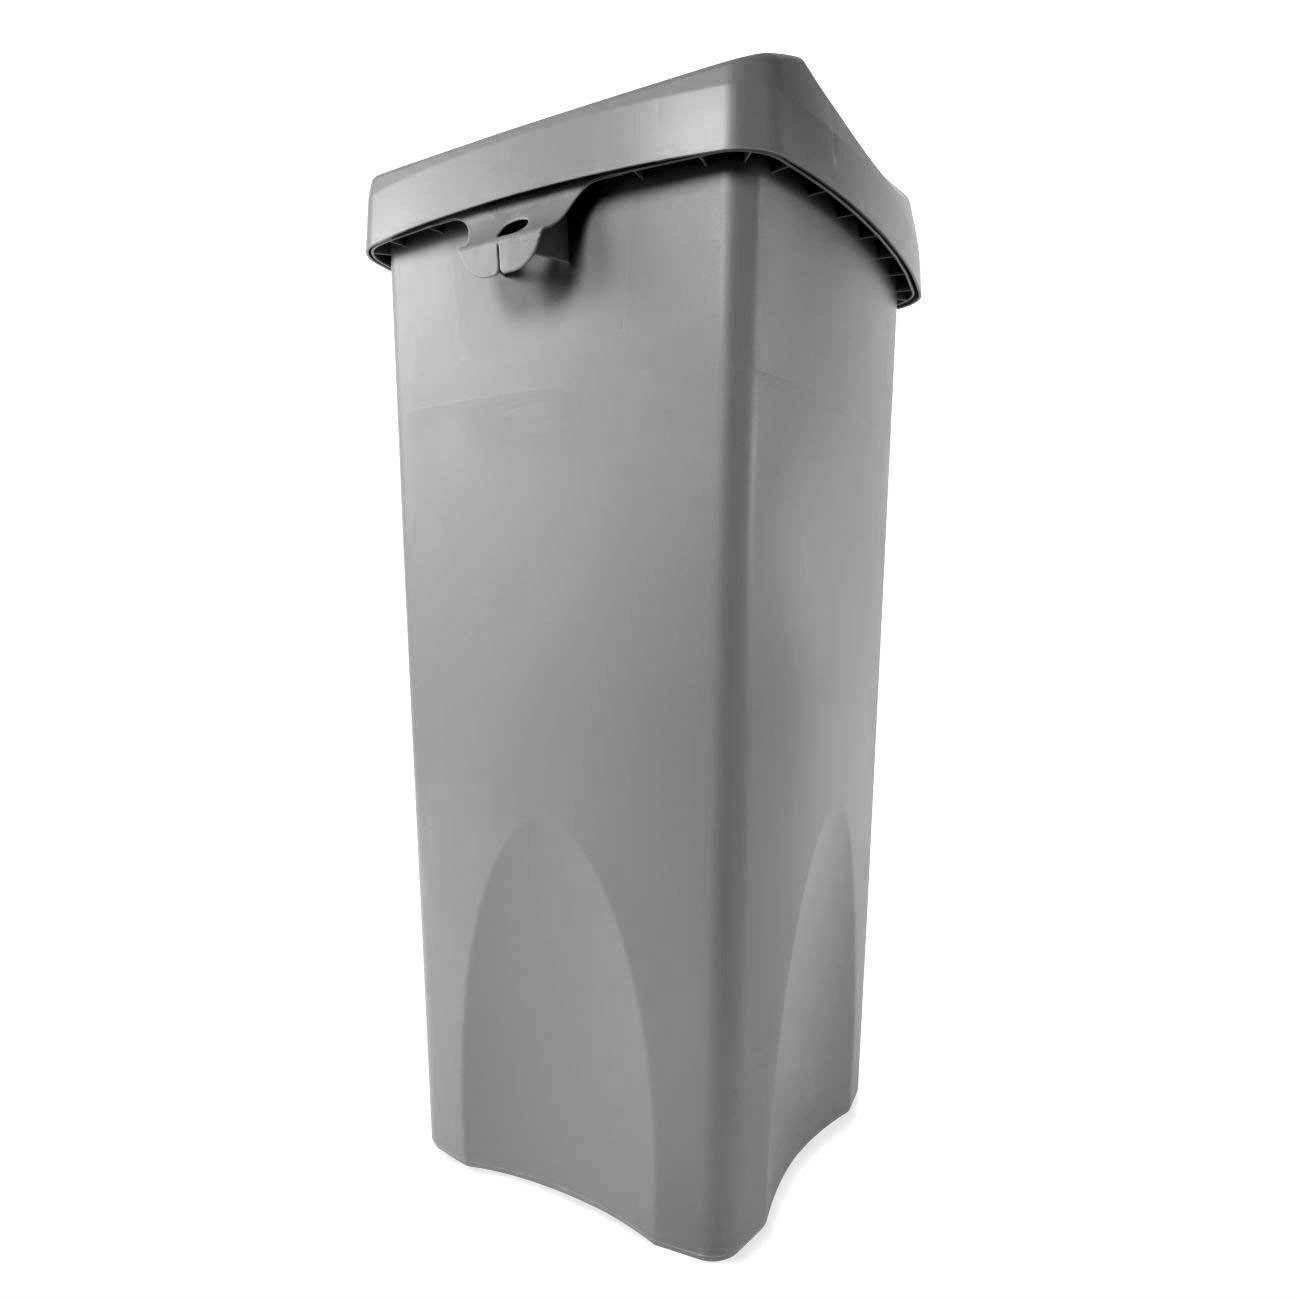 R/Maid Square Trash Bin w/Swing Led Grey 23gal #792020